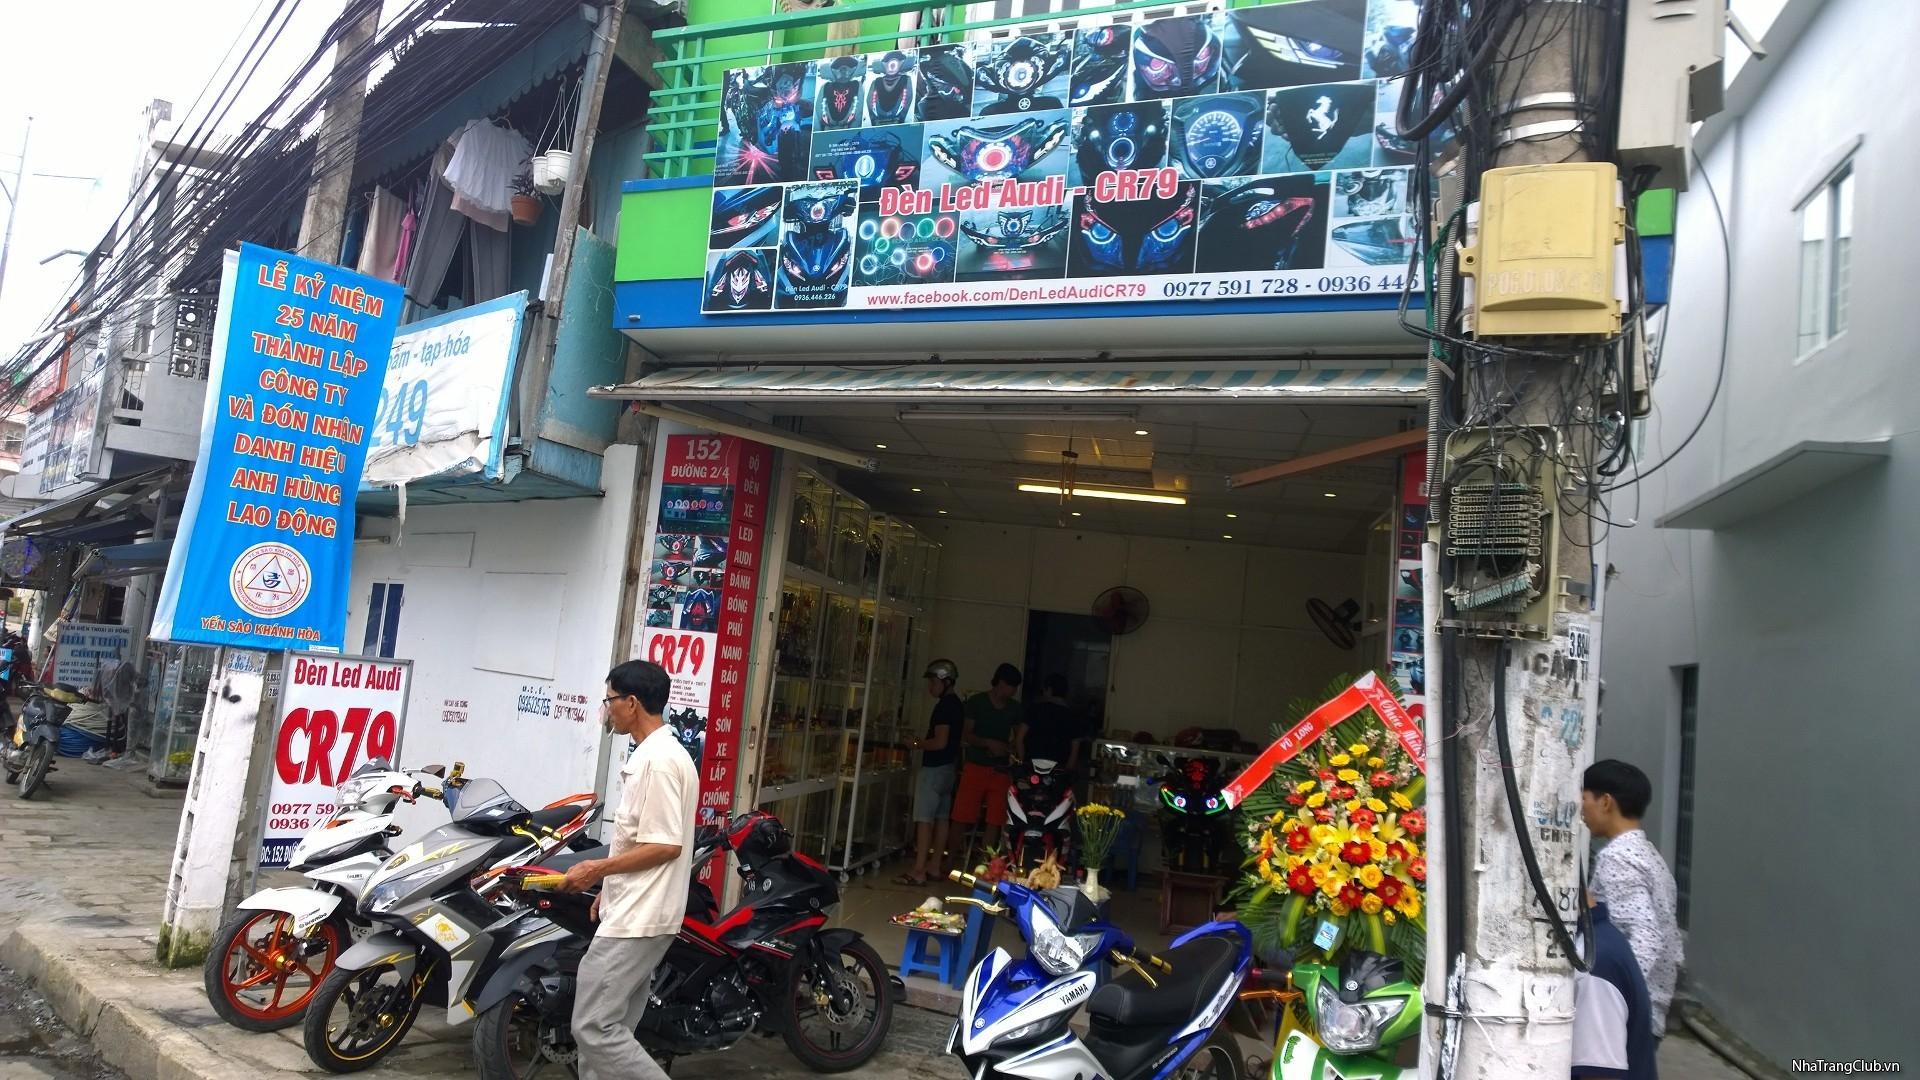 [CR79] cửa hàng chuyên ĐÈN LED AUDI SH,EX,WAVE,FUTURE,PCX..ĐỒ CHƠI LED ở Nha Trang